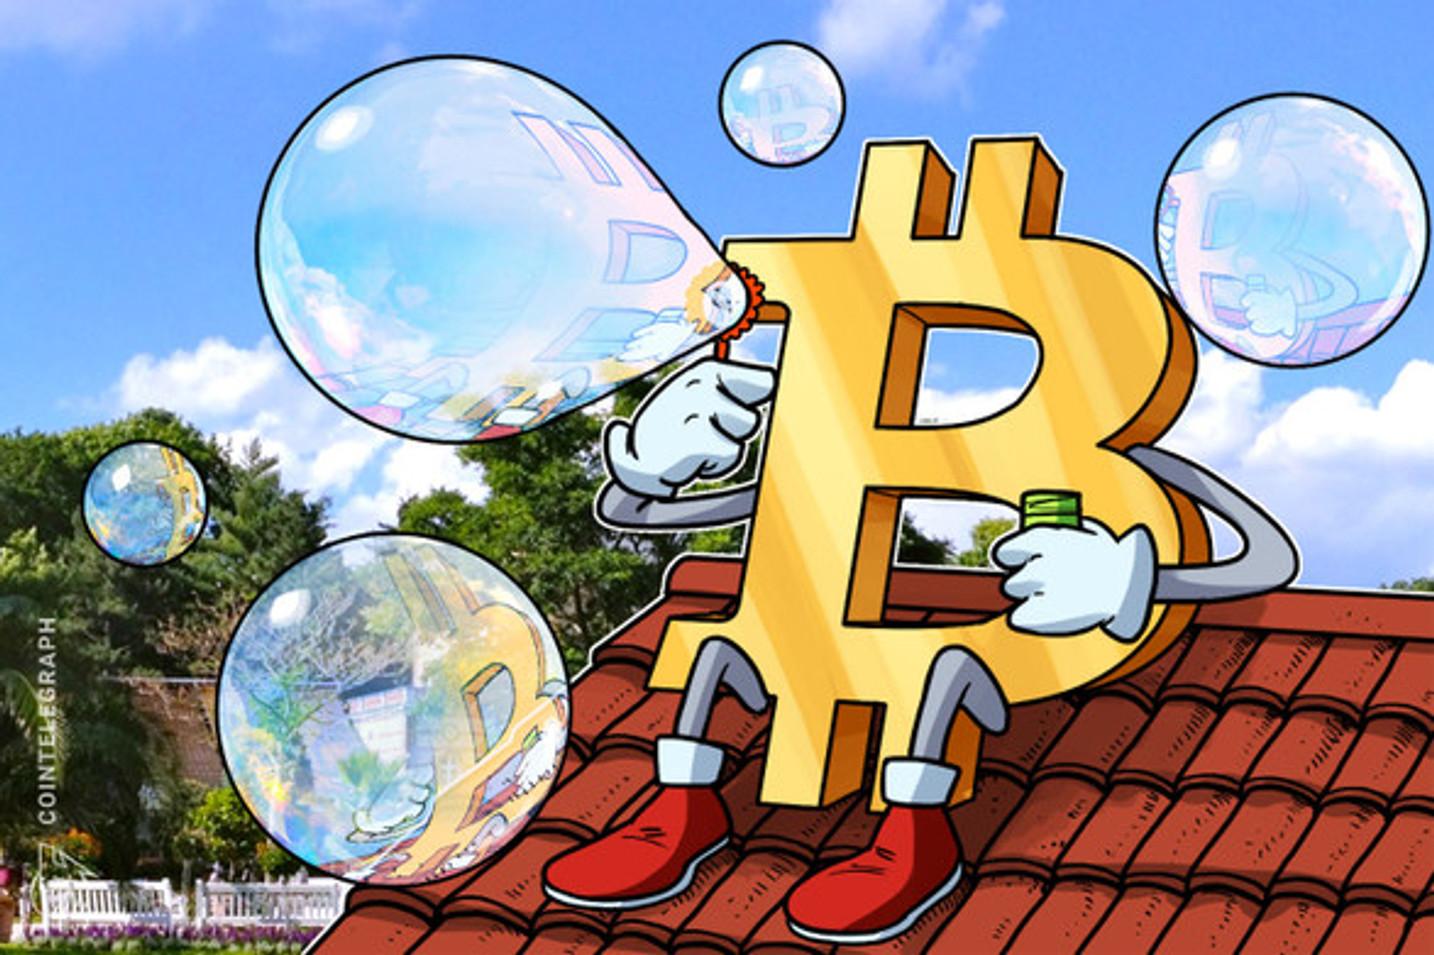 Cofundador do BTG Pactual diz que 'Bitcoin não é reserva de valor, é uma brincadeira'